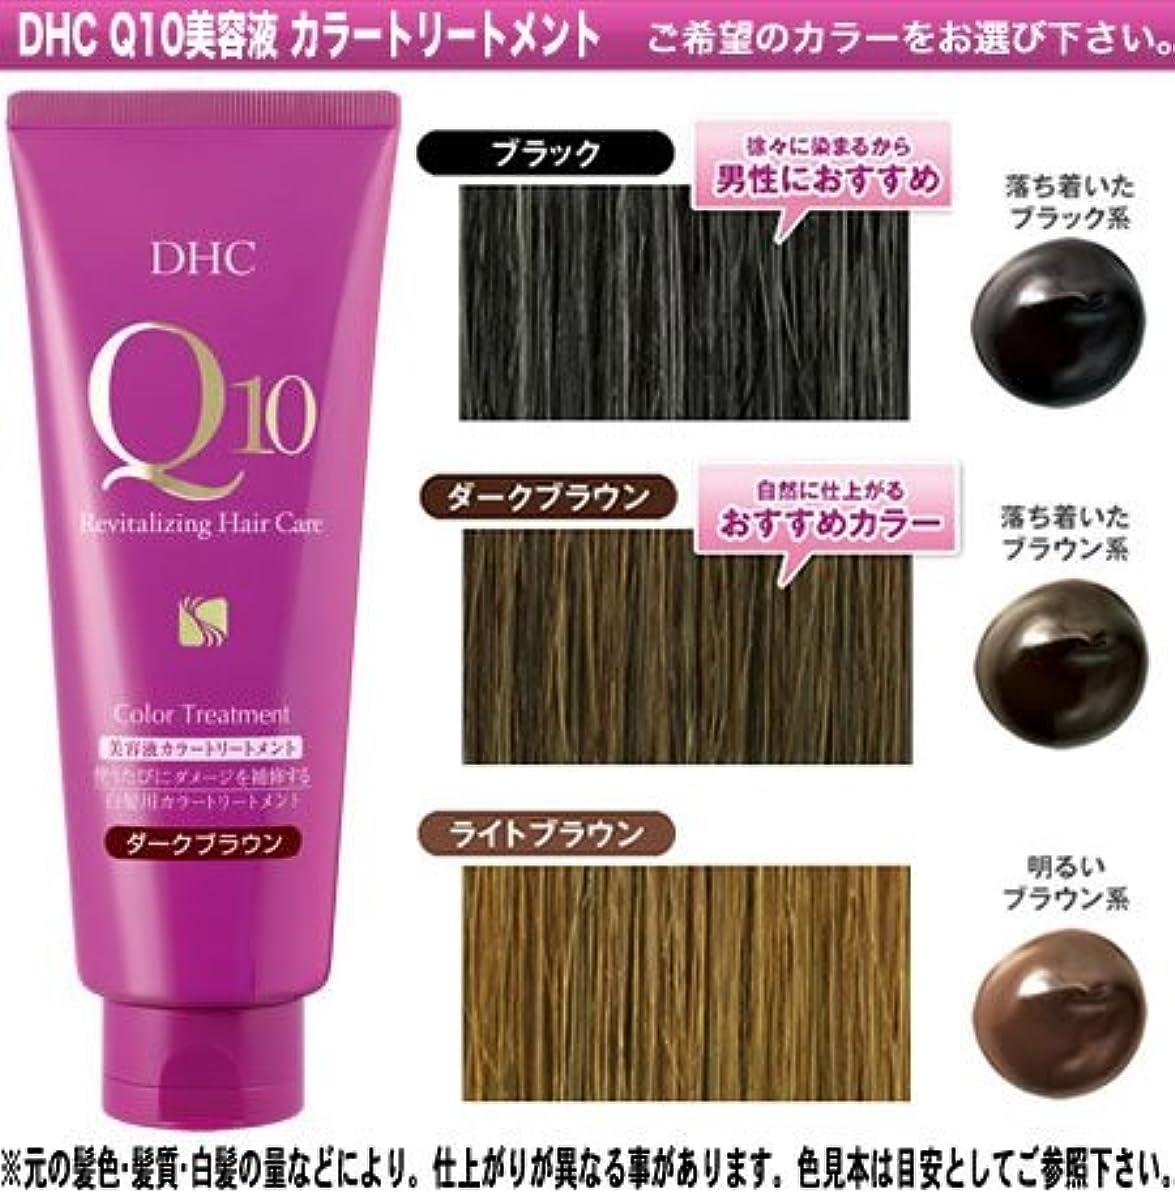 うまくやる()花婿百科事典DHC Q10美容液 カラートリートメント ライトブラウン 235g